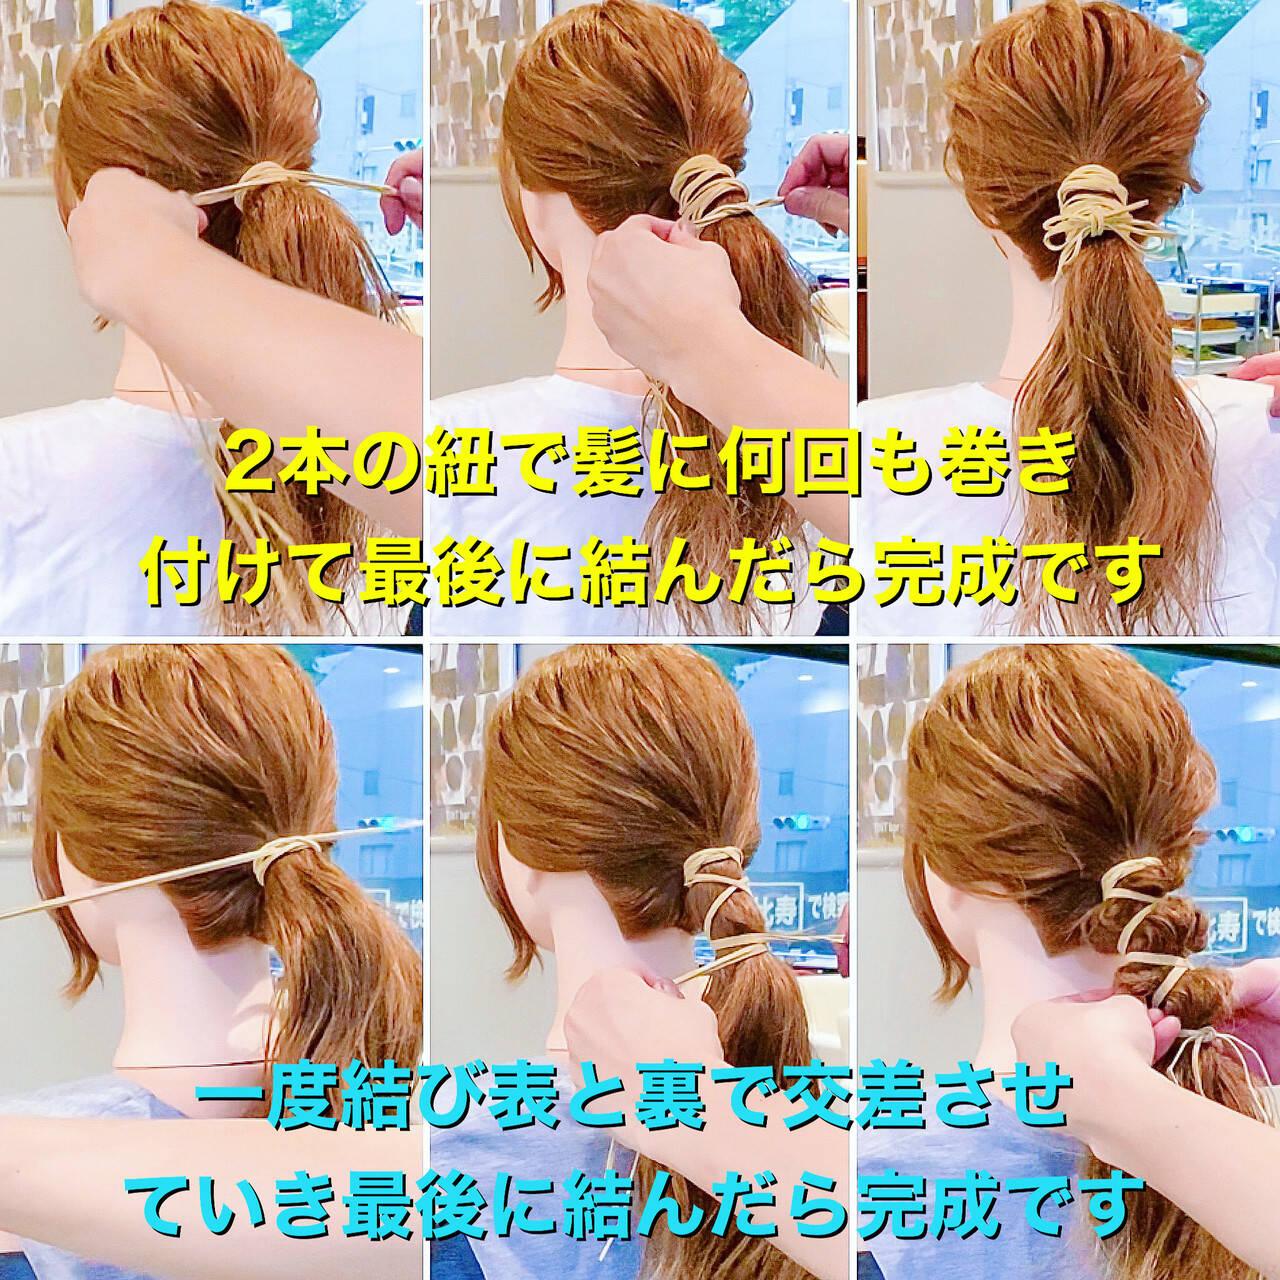 エレガント 紐アレンジ セルフヘアアレンジ ヘアアレンジヘアスタイルや髪型の写真・画像